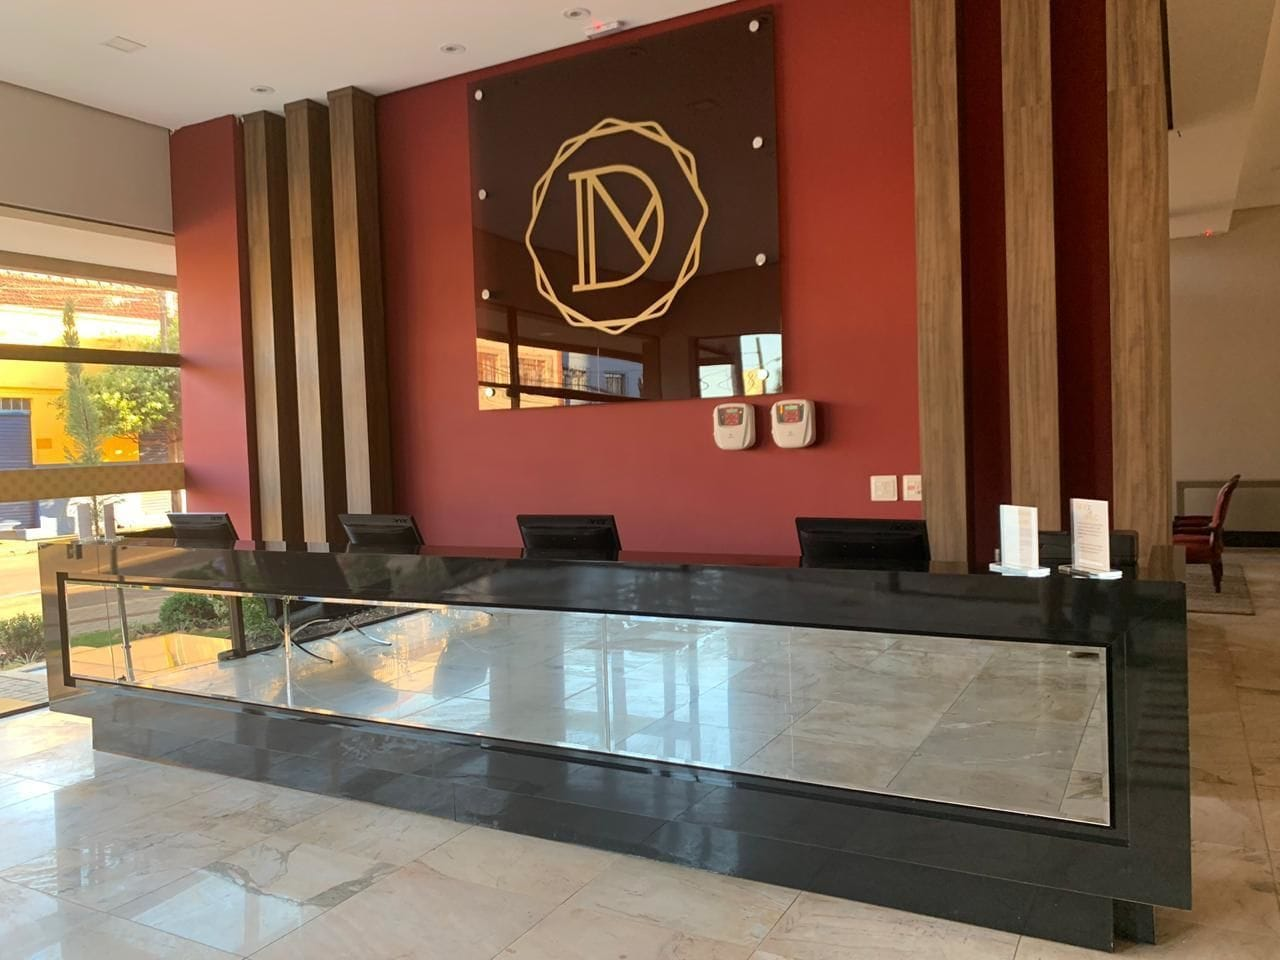 Hotel Dunamys Londrina, Londrina